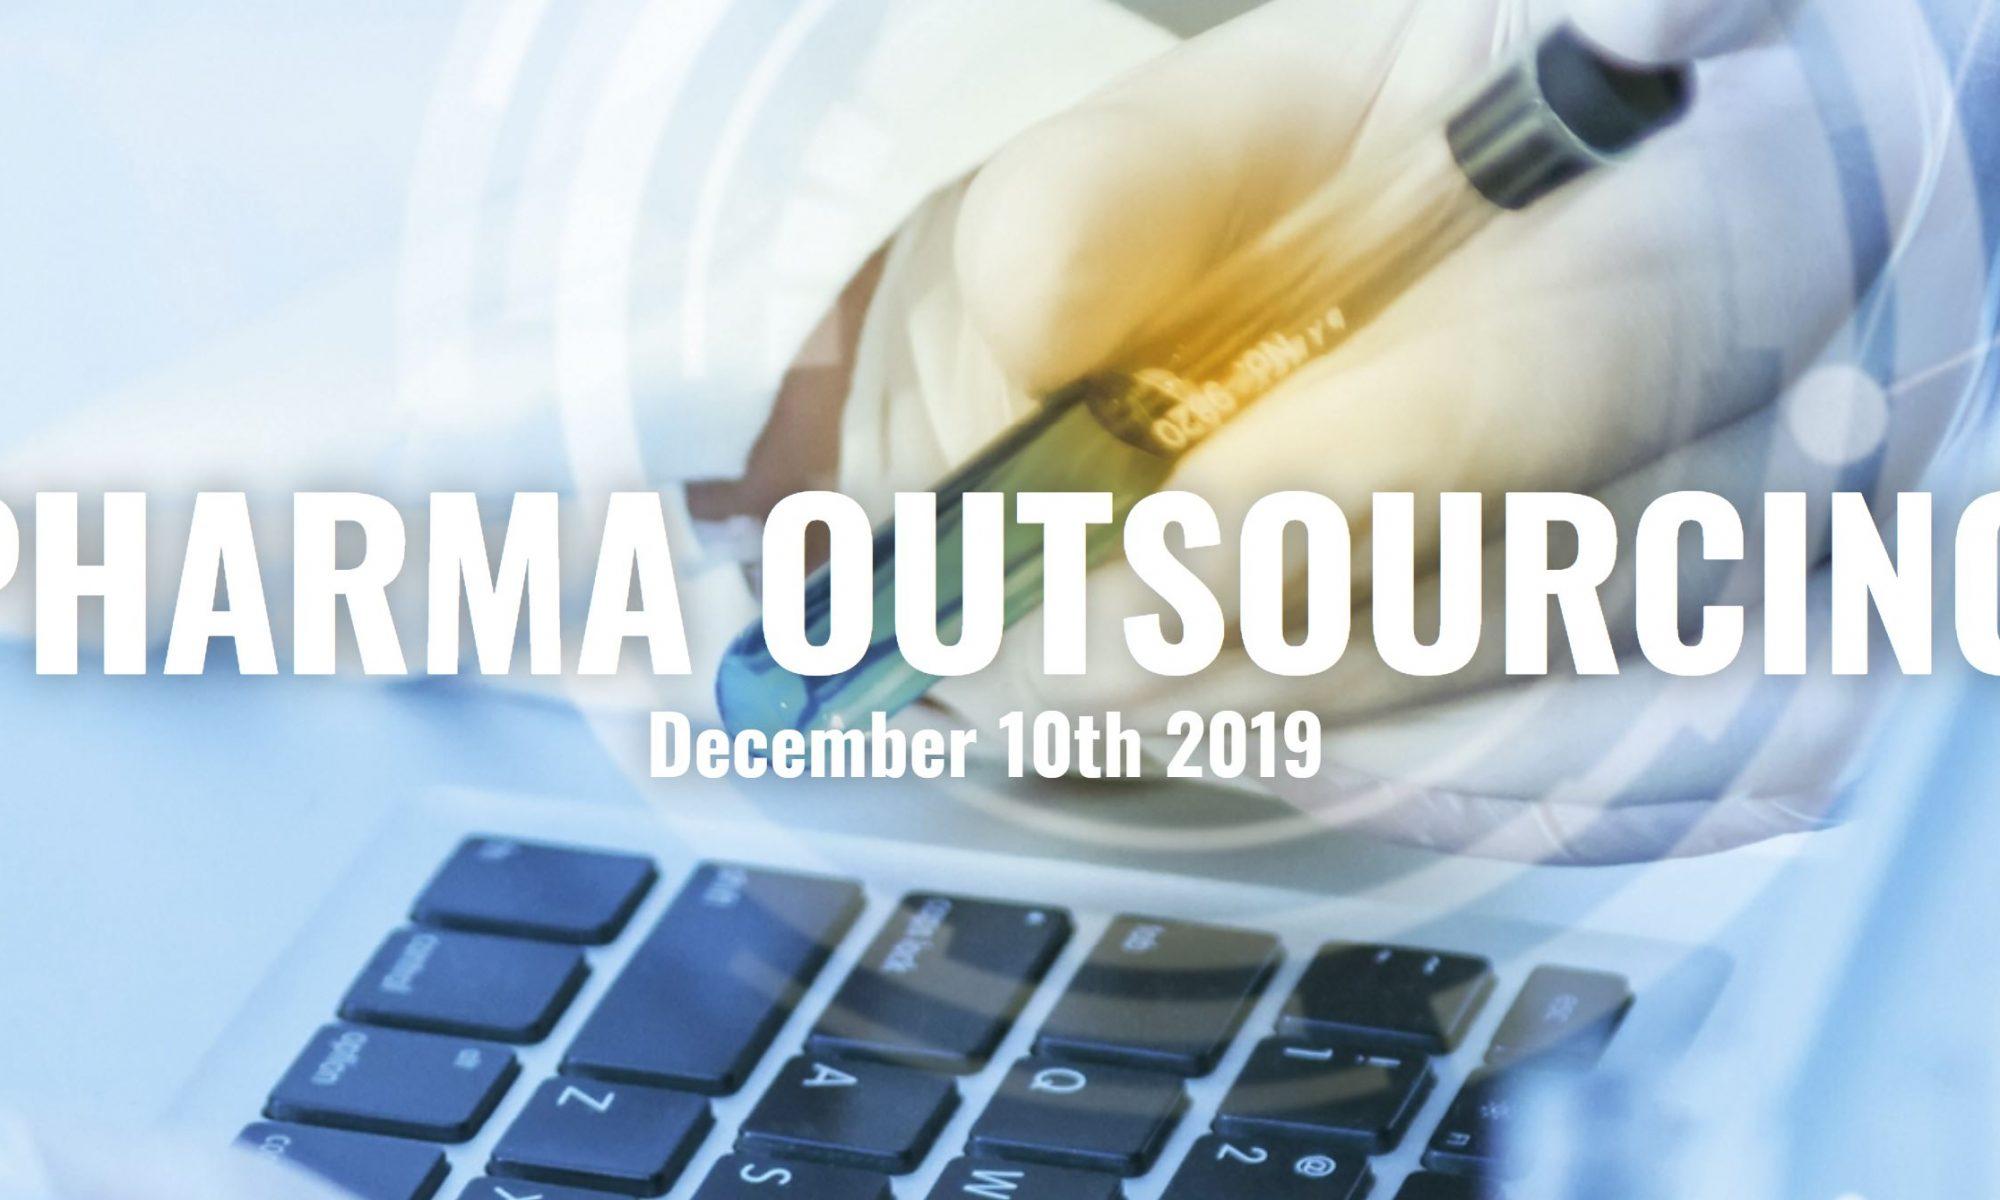 pharma outsourcing